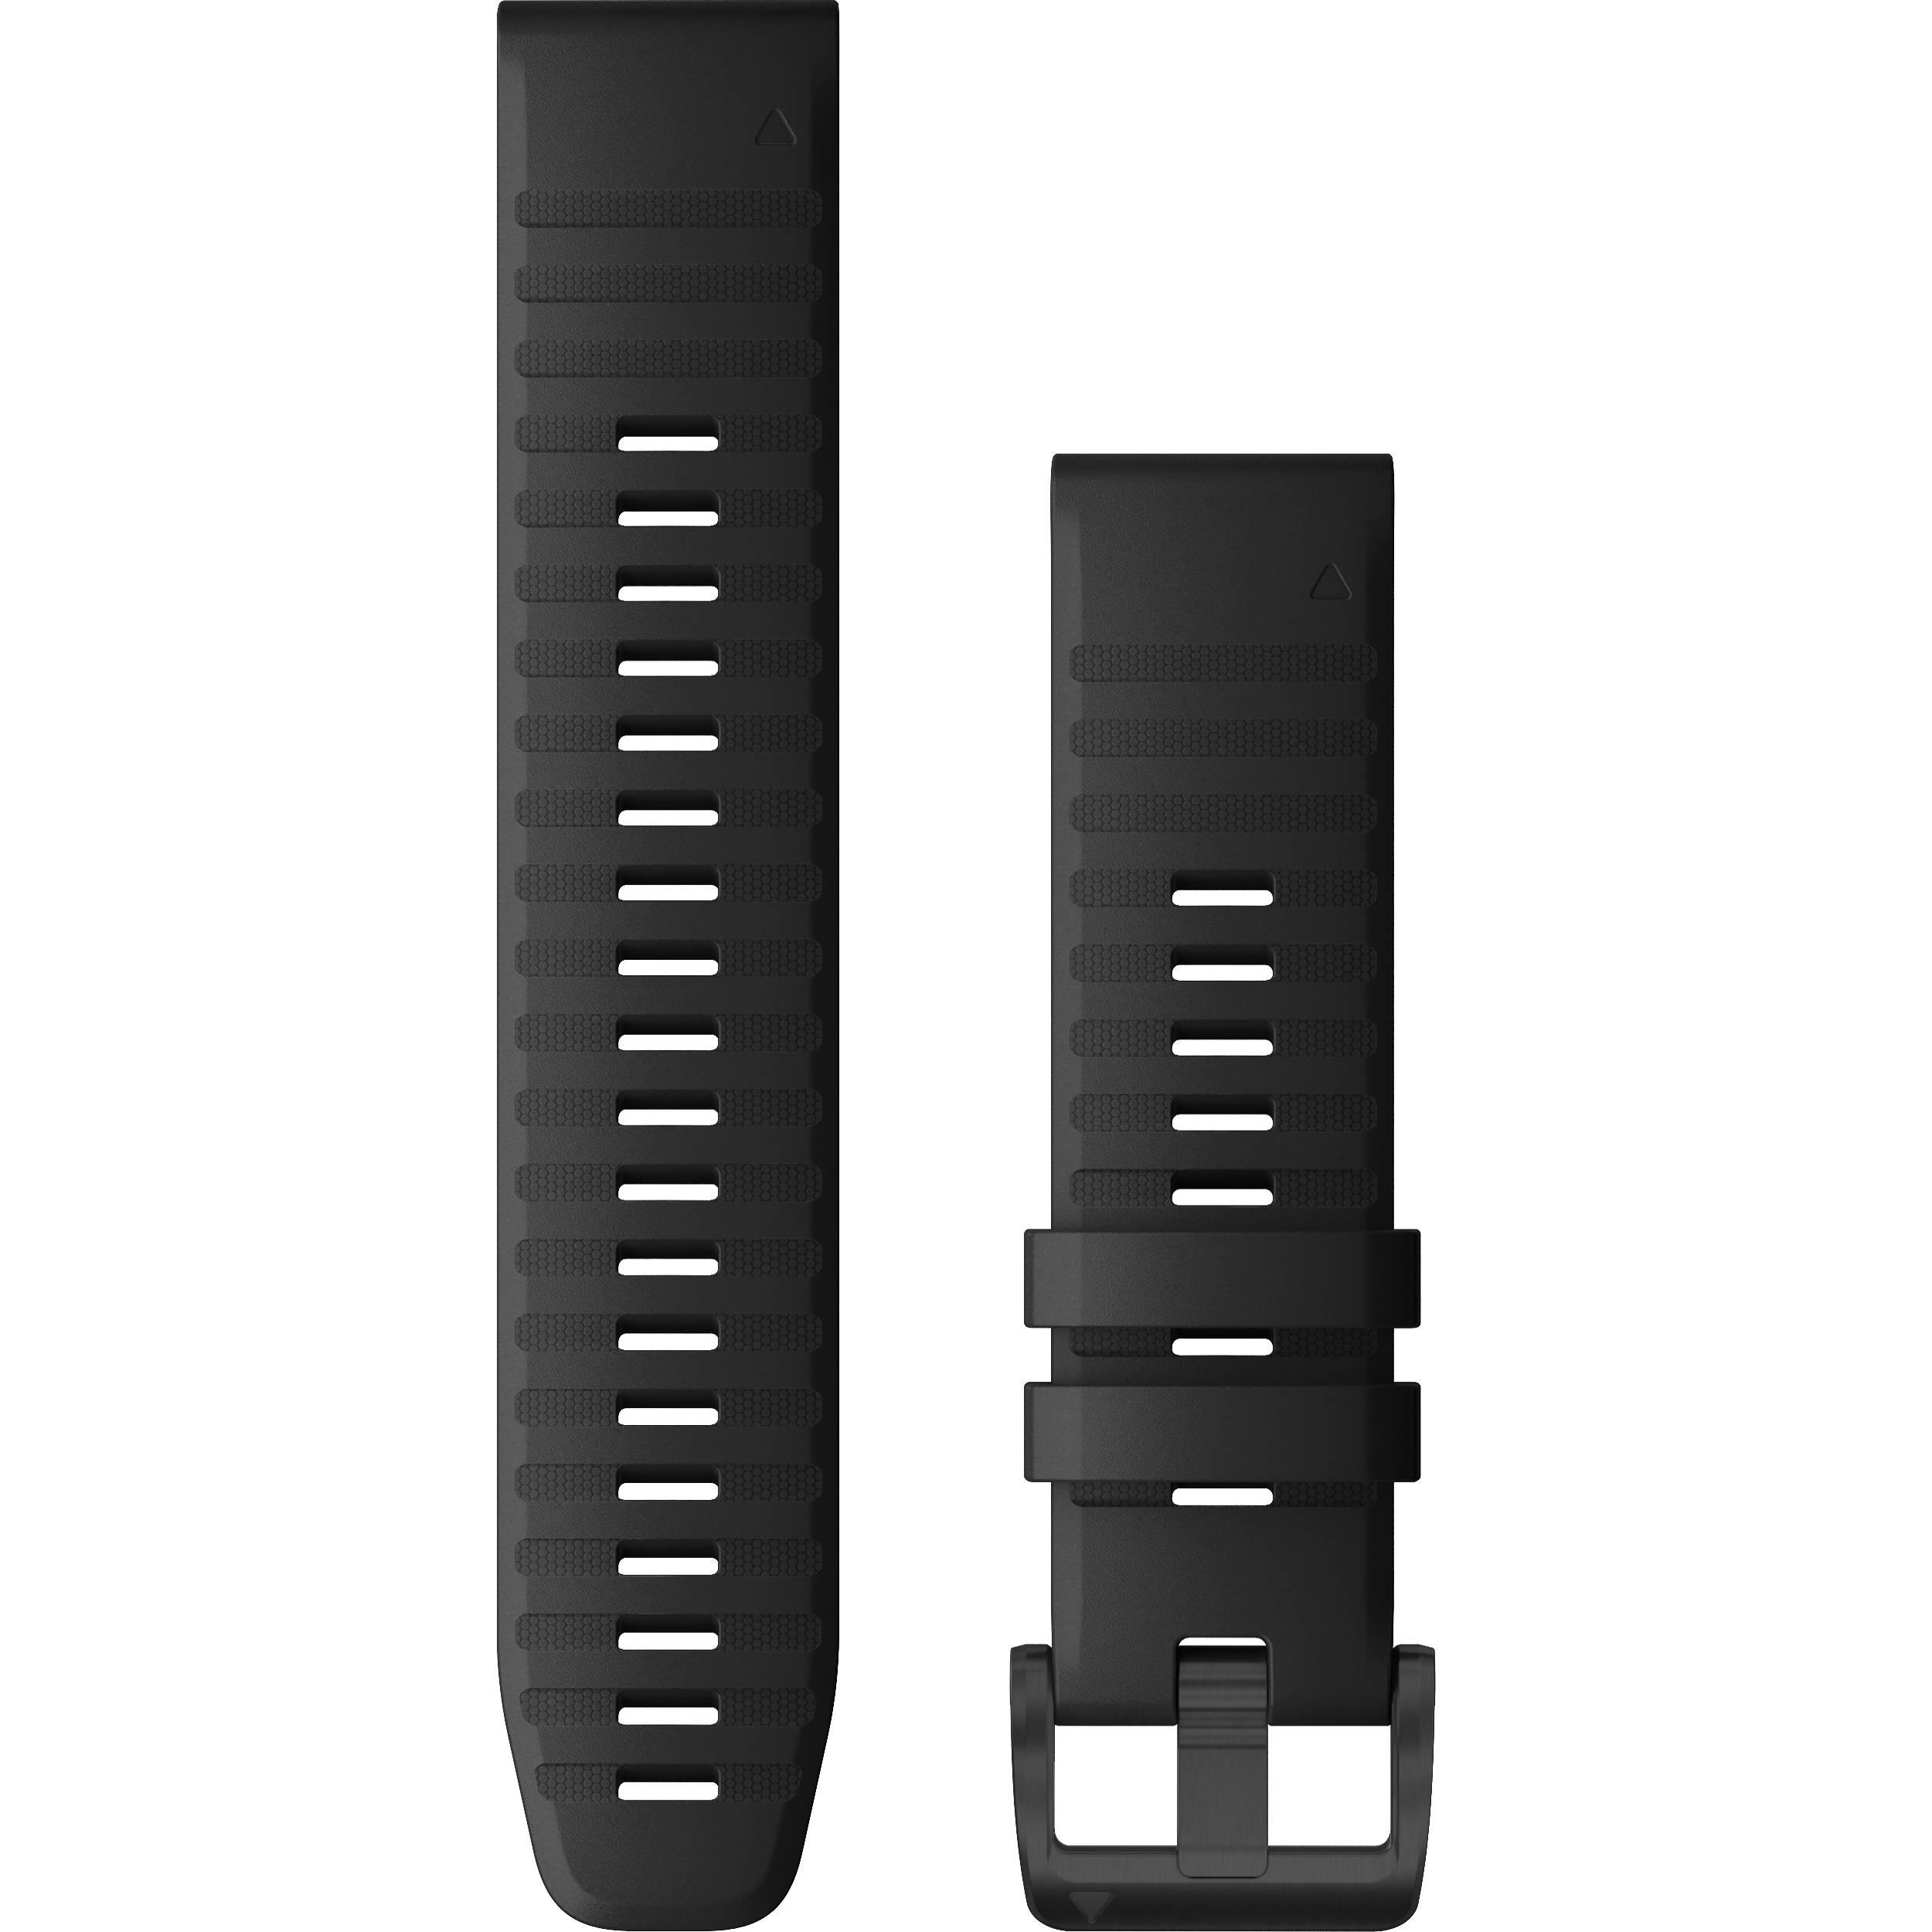 רצועה מקורית לשעון גרמין Garmin Fenix 6 QuickFit 22 Watch Bands שחור